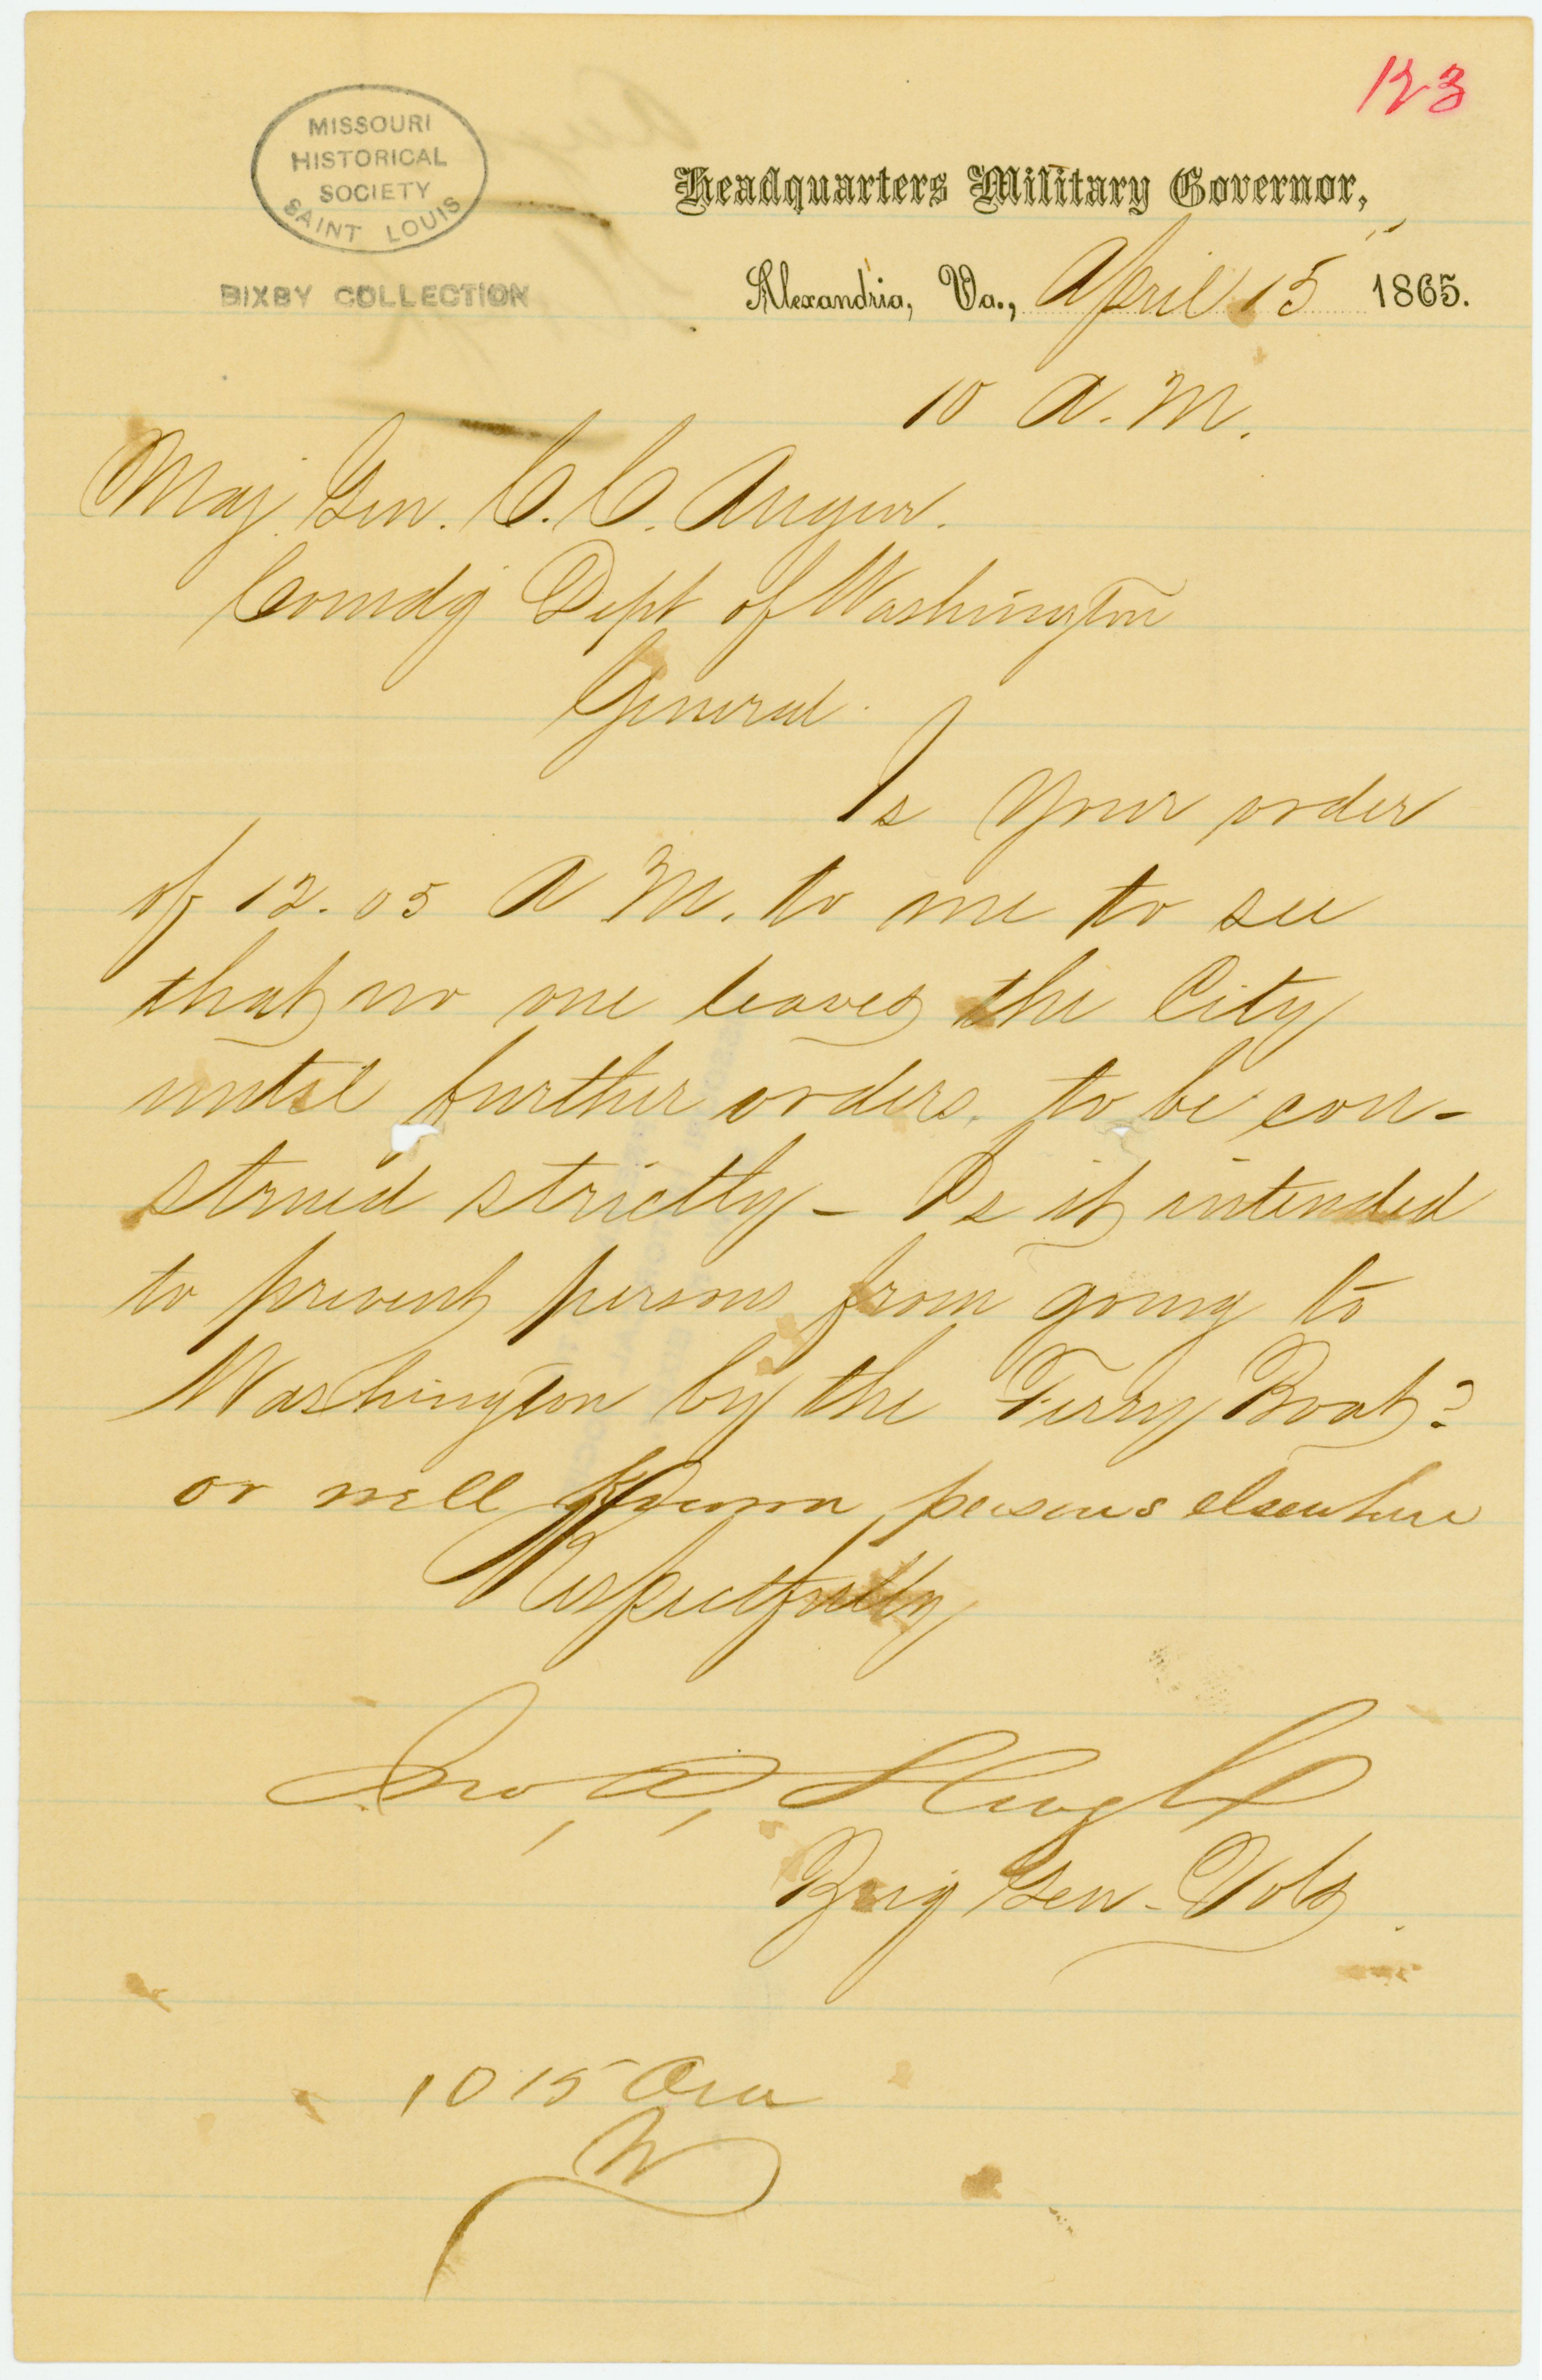 Contemporary copy of telegram of Jno. P. Slough [John P. Slough], Headquarters Military Governor, Alexandria, Va., to Maj. Genl. C. C. Augur, Comdg. Dept. of Washington, April 15, 1865